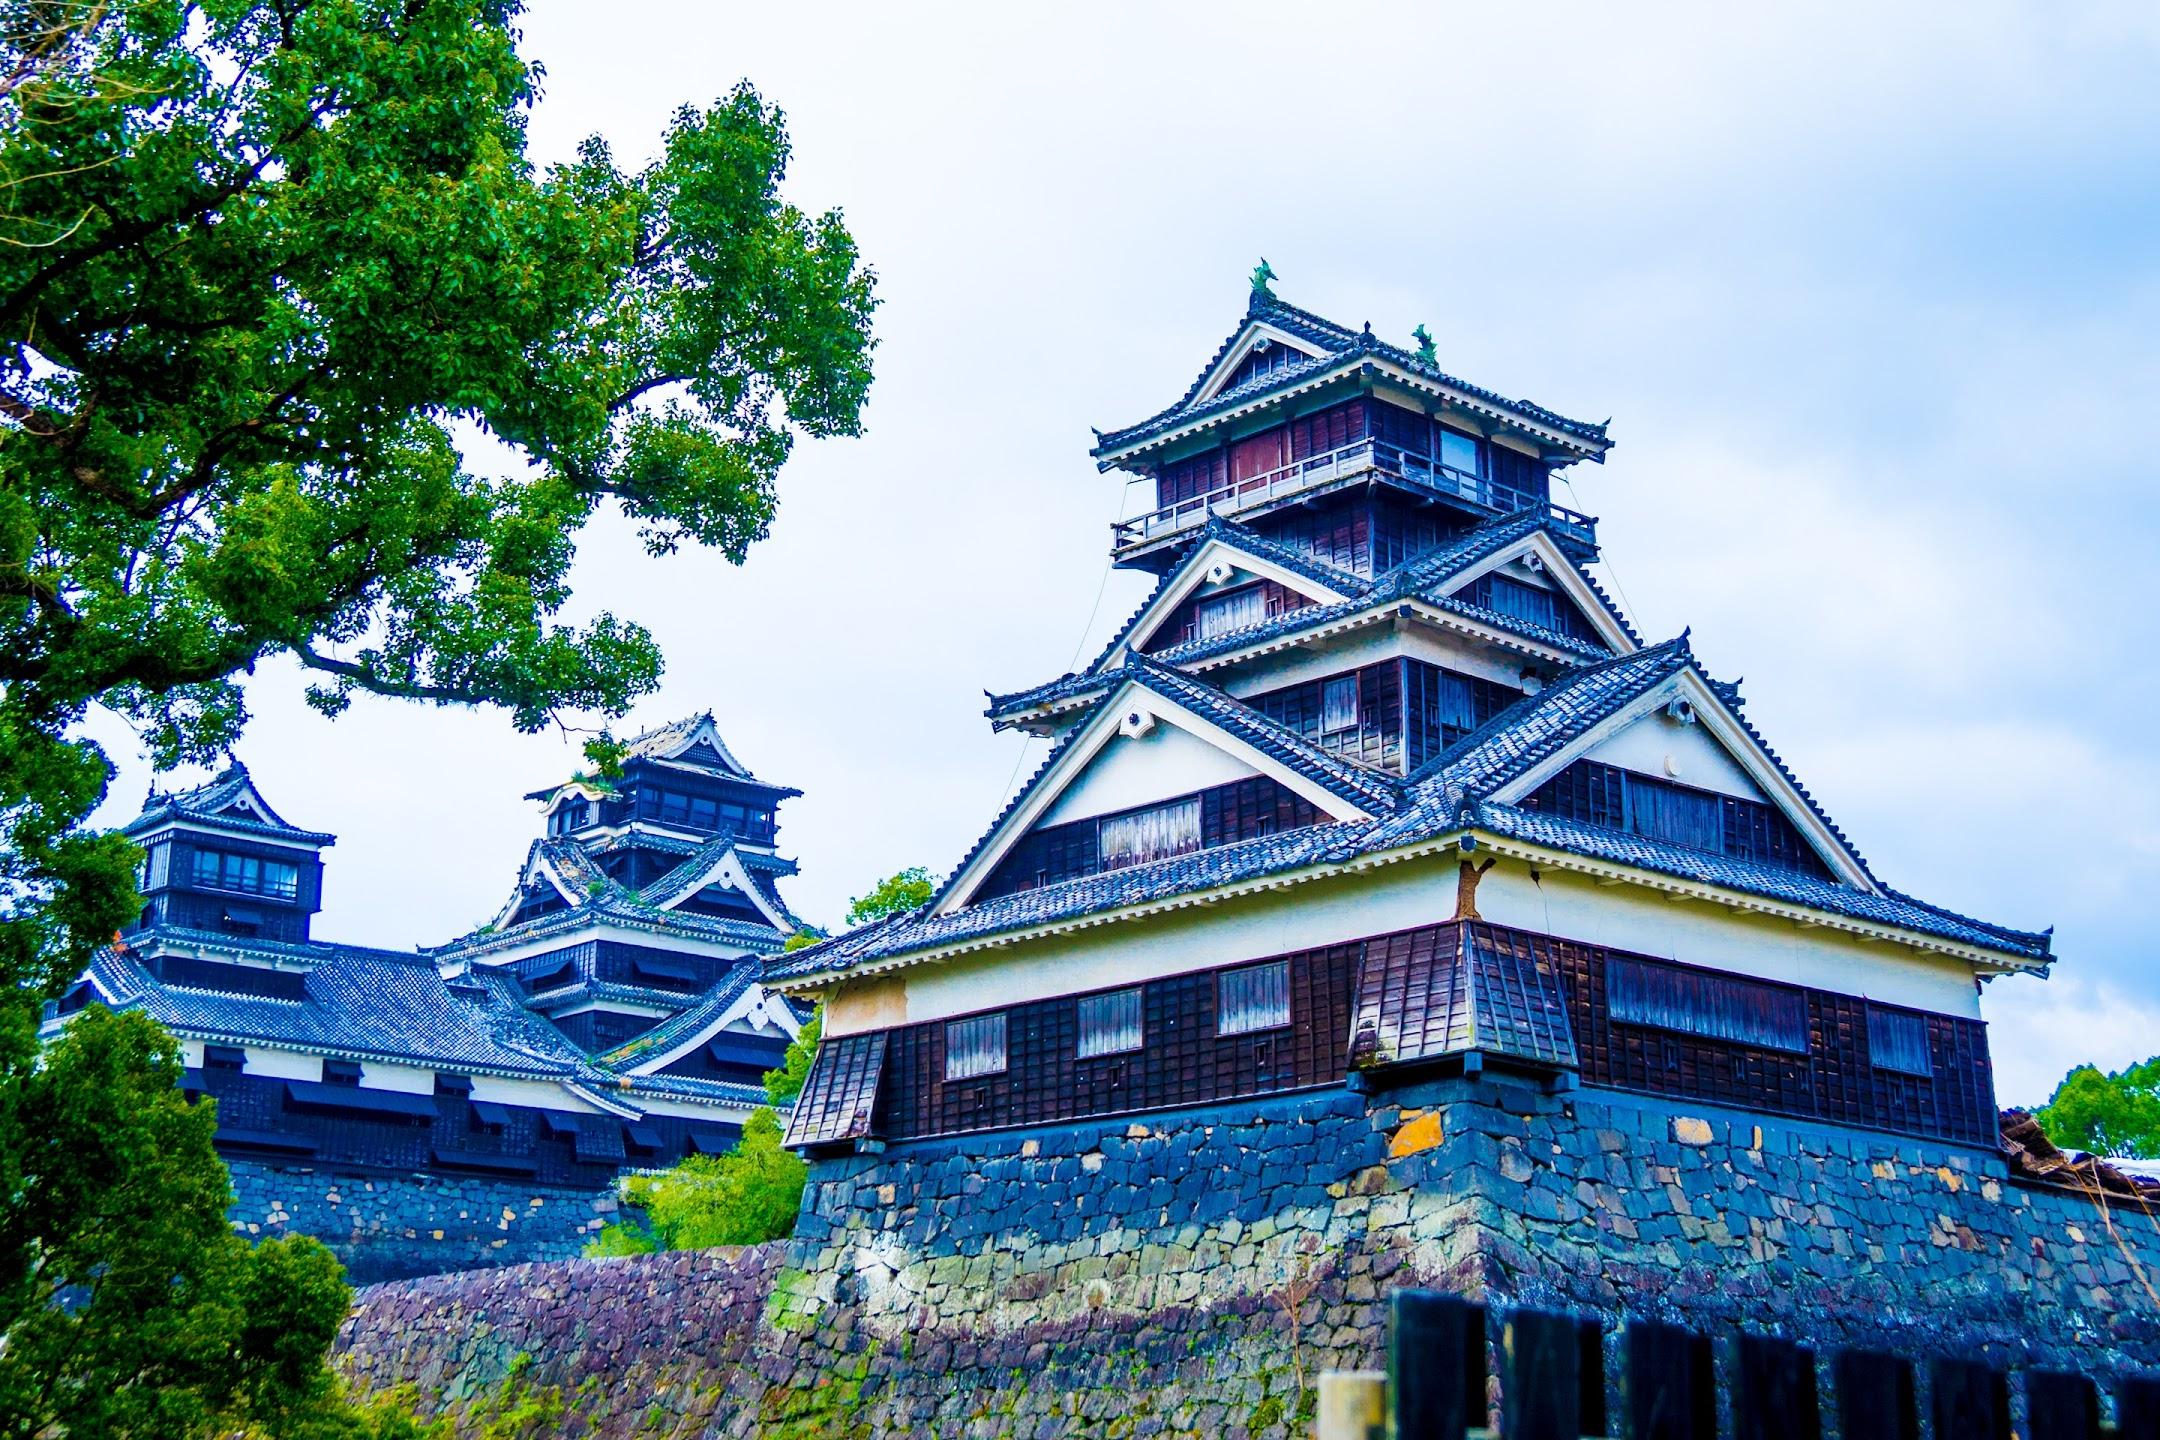 熊本城 加藤神社 天守閣・宇土櫓